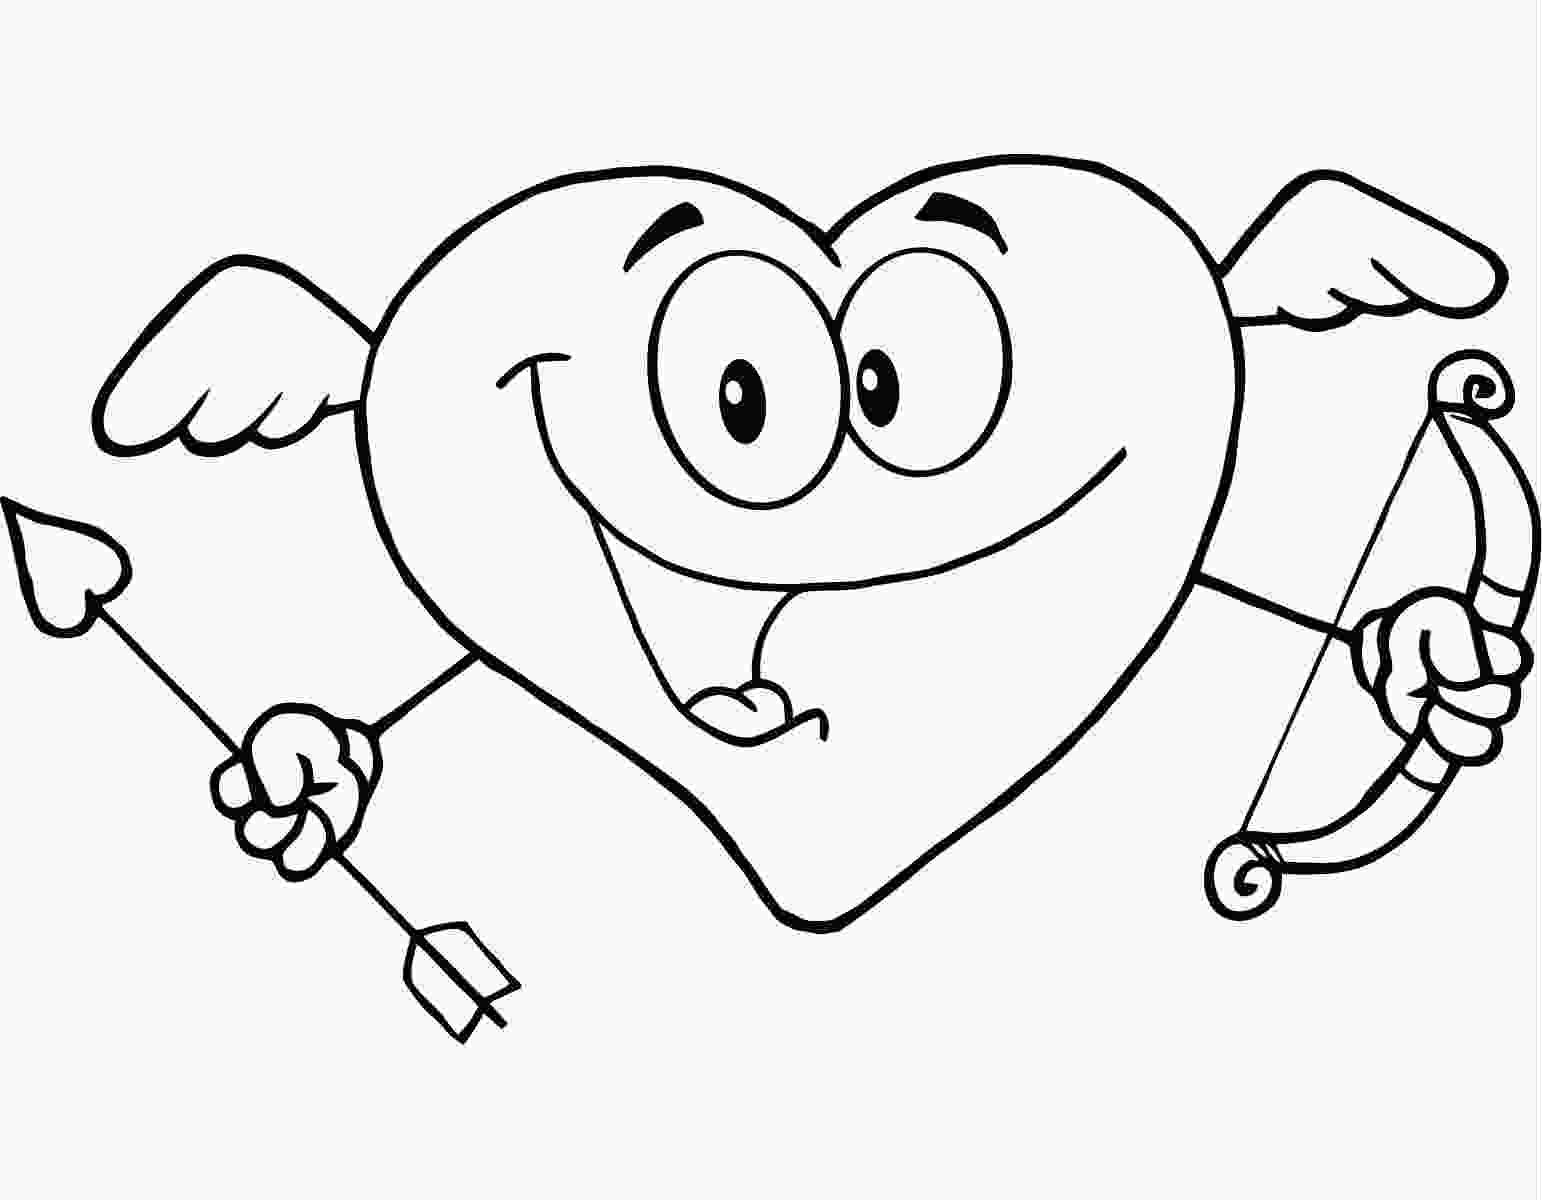 Mi amor coloring pages ~ Dibujos de amor imágenes para colorear   Colorear imágenes